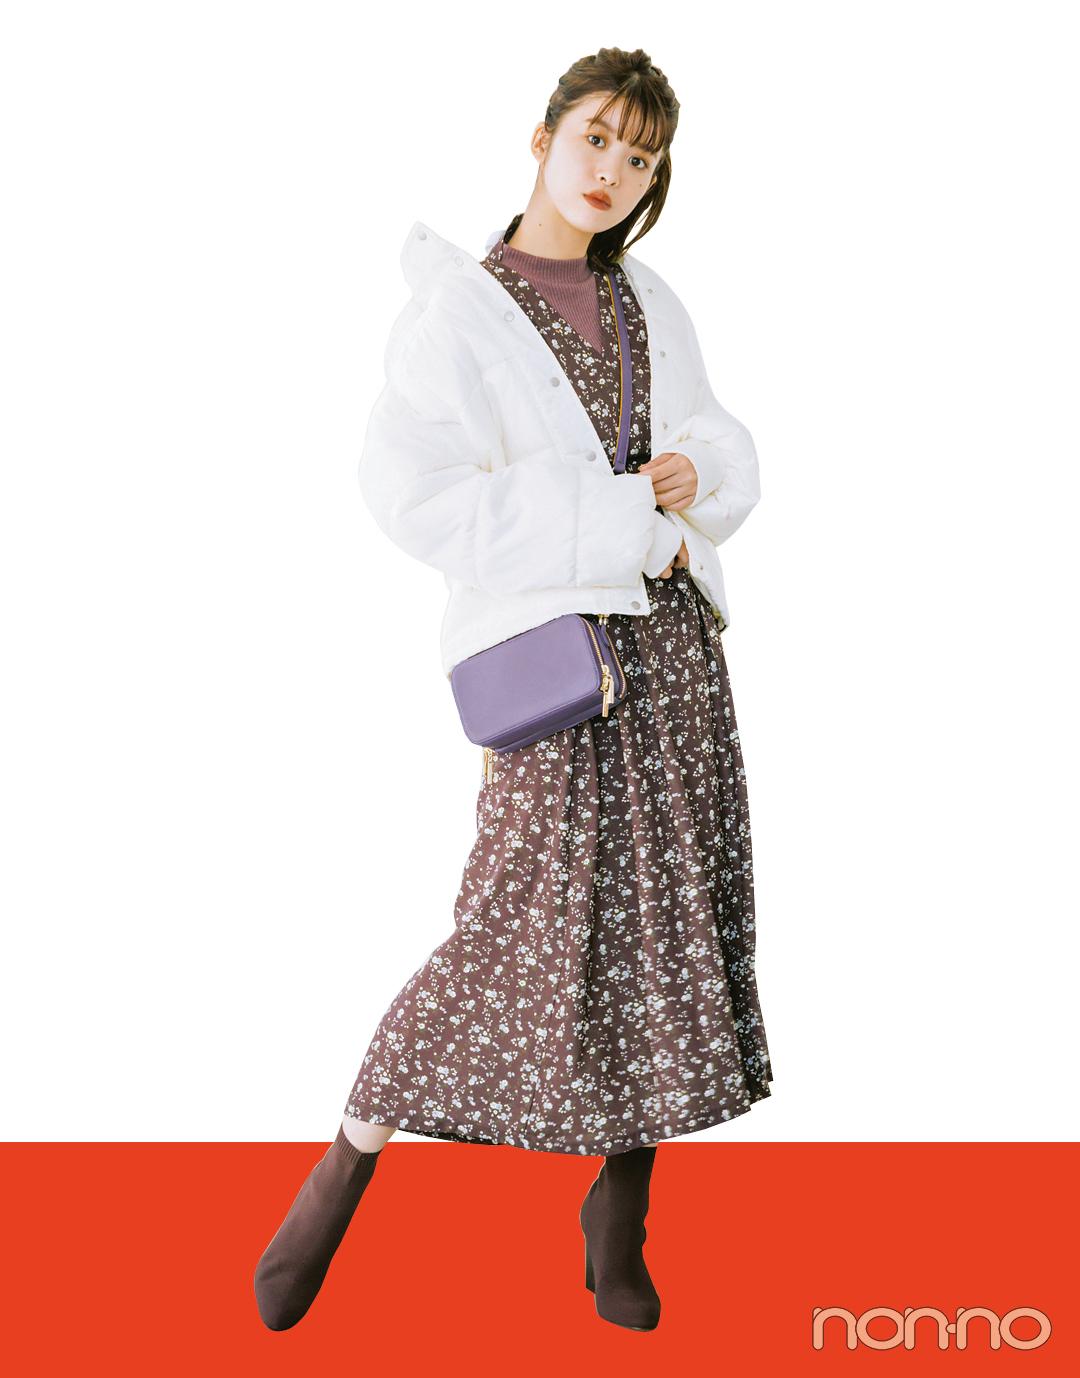 ショートダウン&シャツジャケ、買い足すならこのタイプ!【冬のマンネリ突破服】_1_3